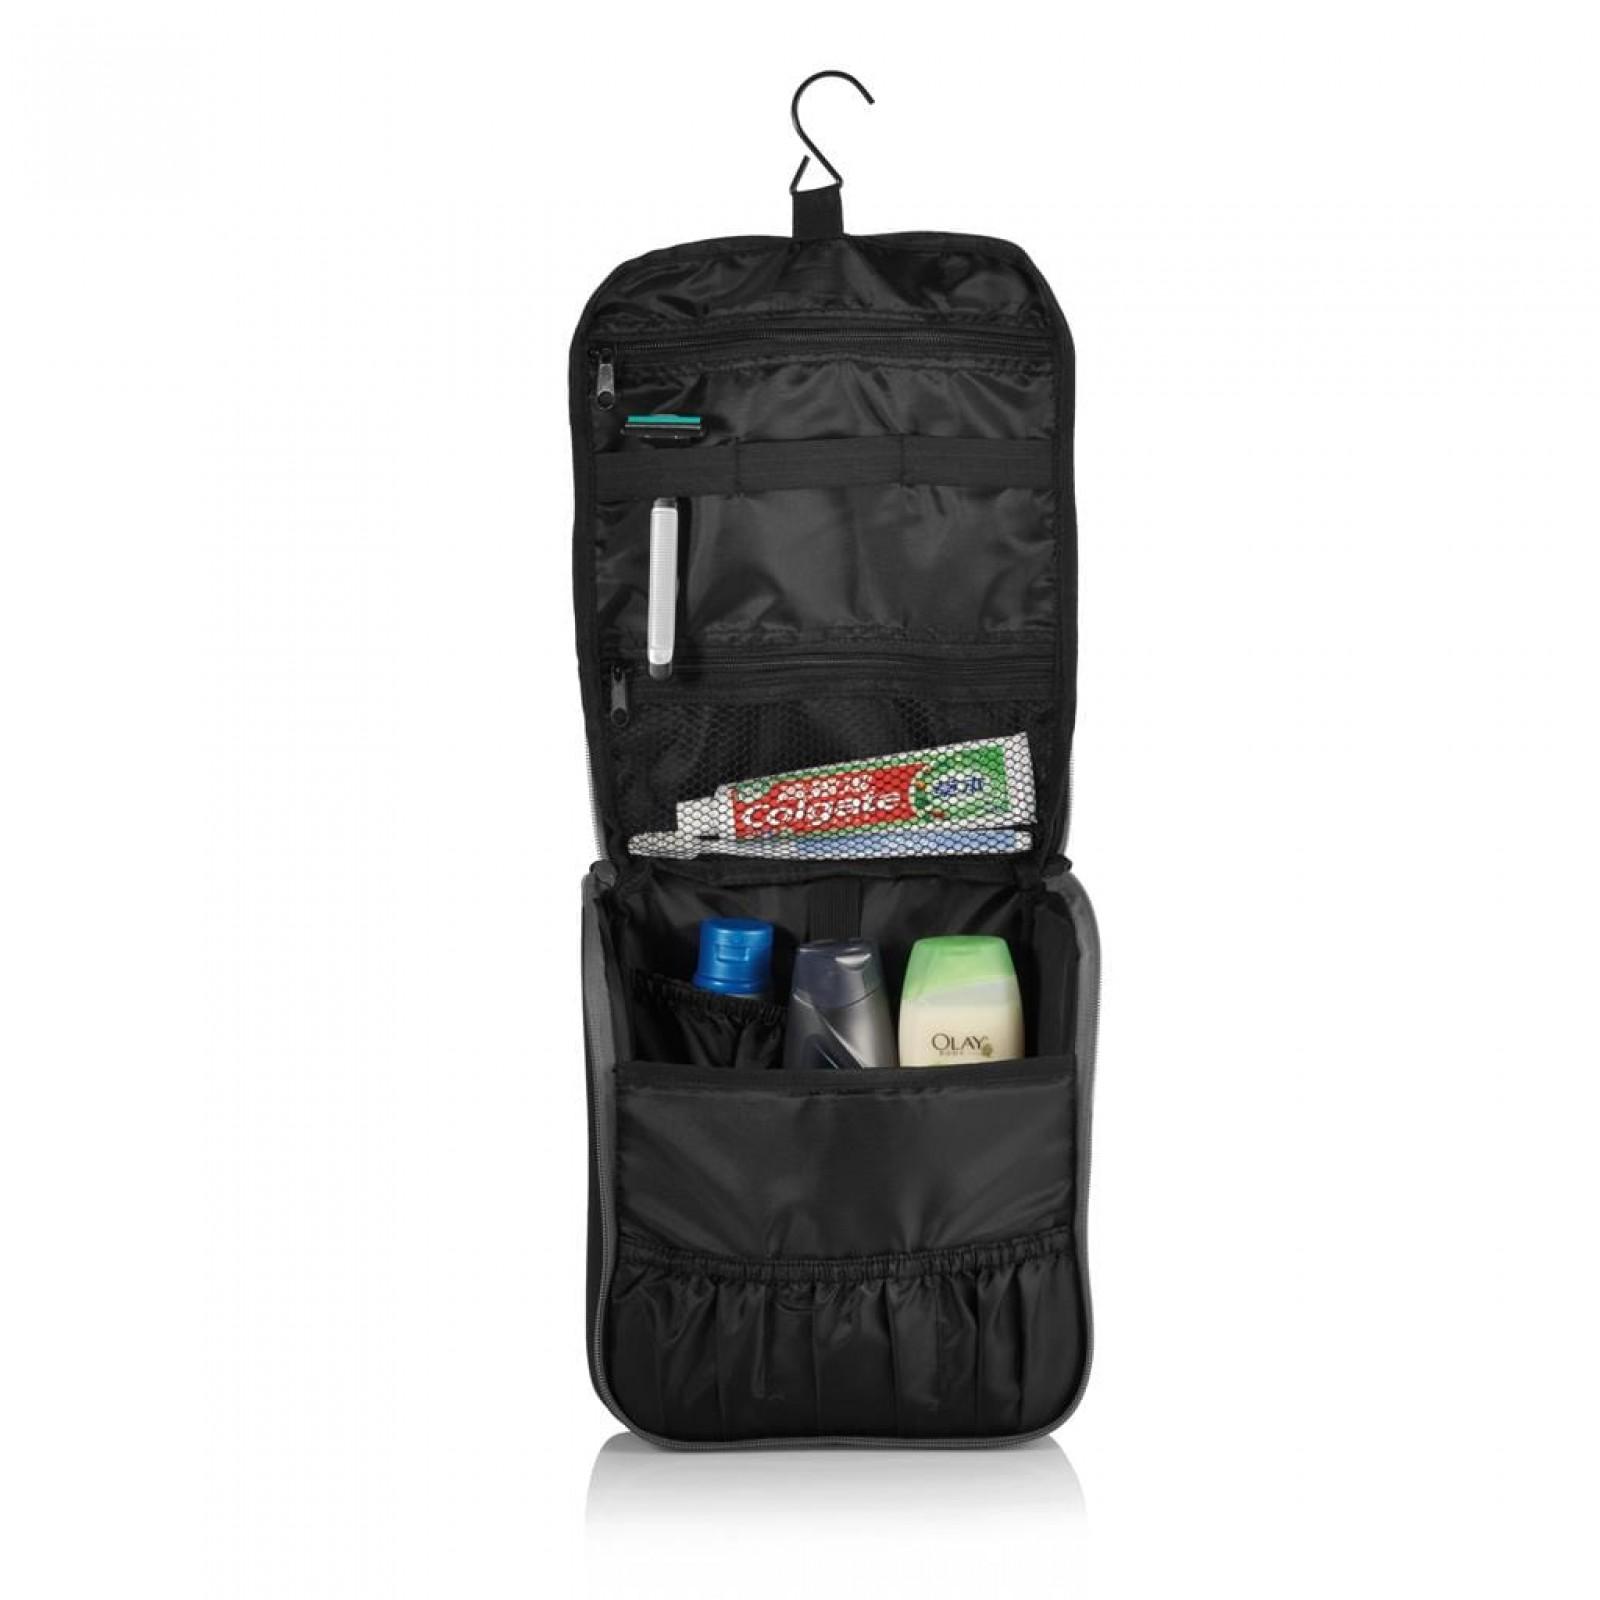 Τσάντα Αποθήκευσης Ταξιδιού με Κρεμάστρα The City (Μαύρο) - XD Design